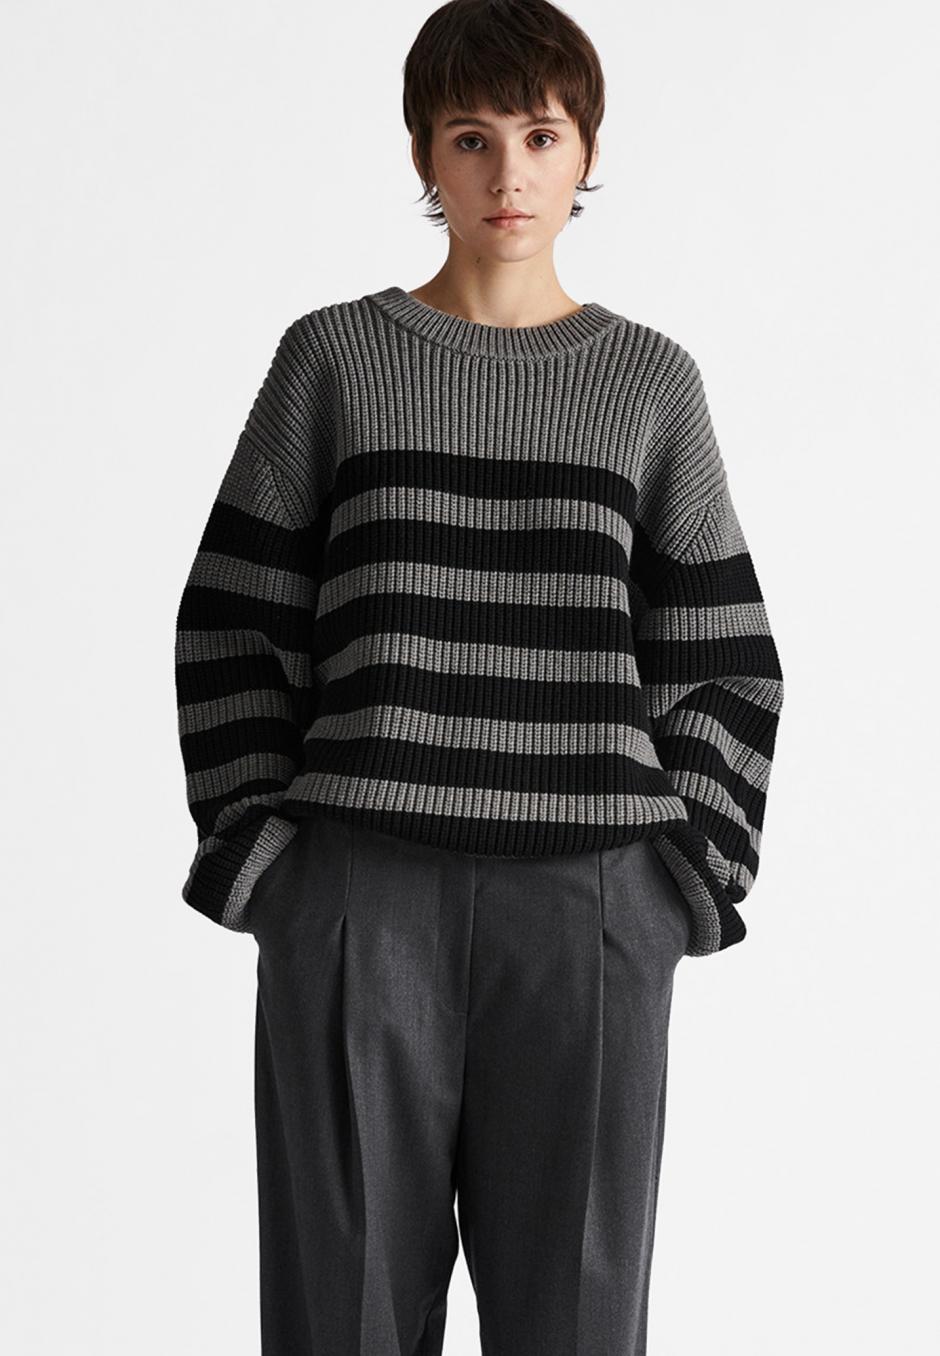 Stylein Aubry Sweater